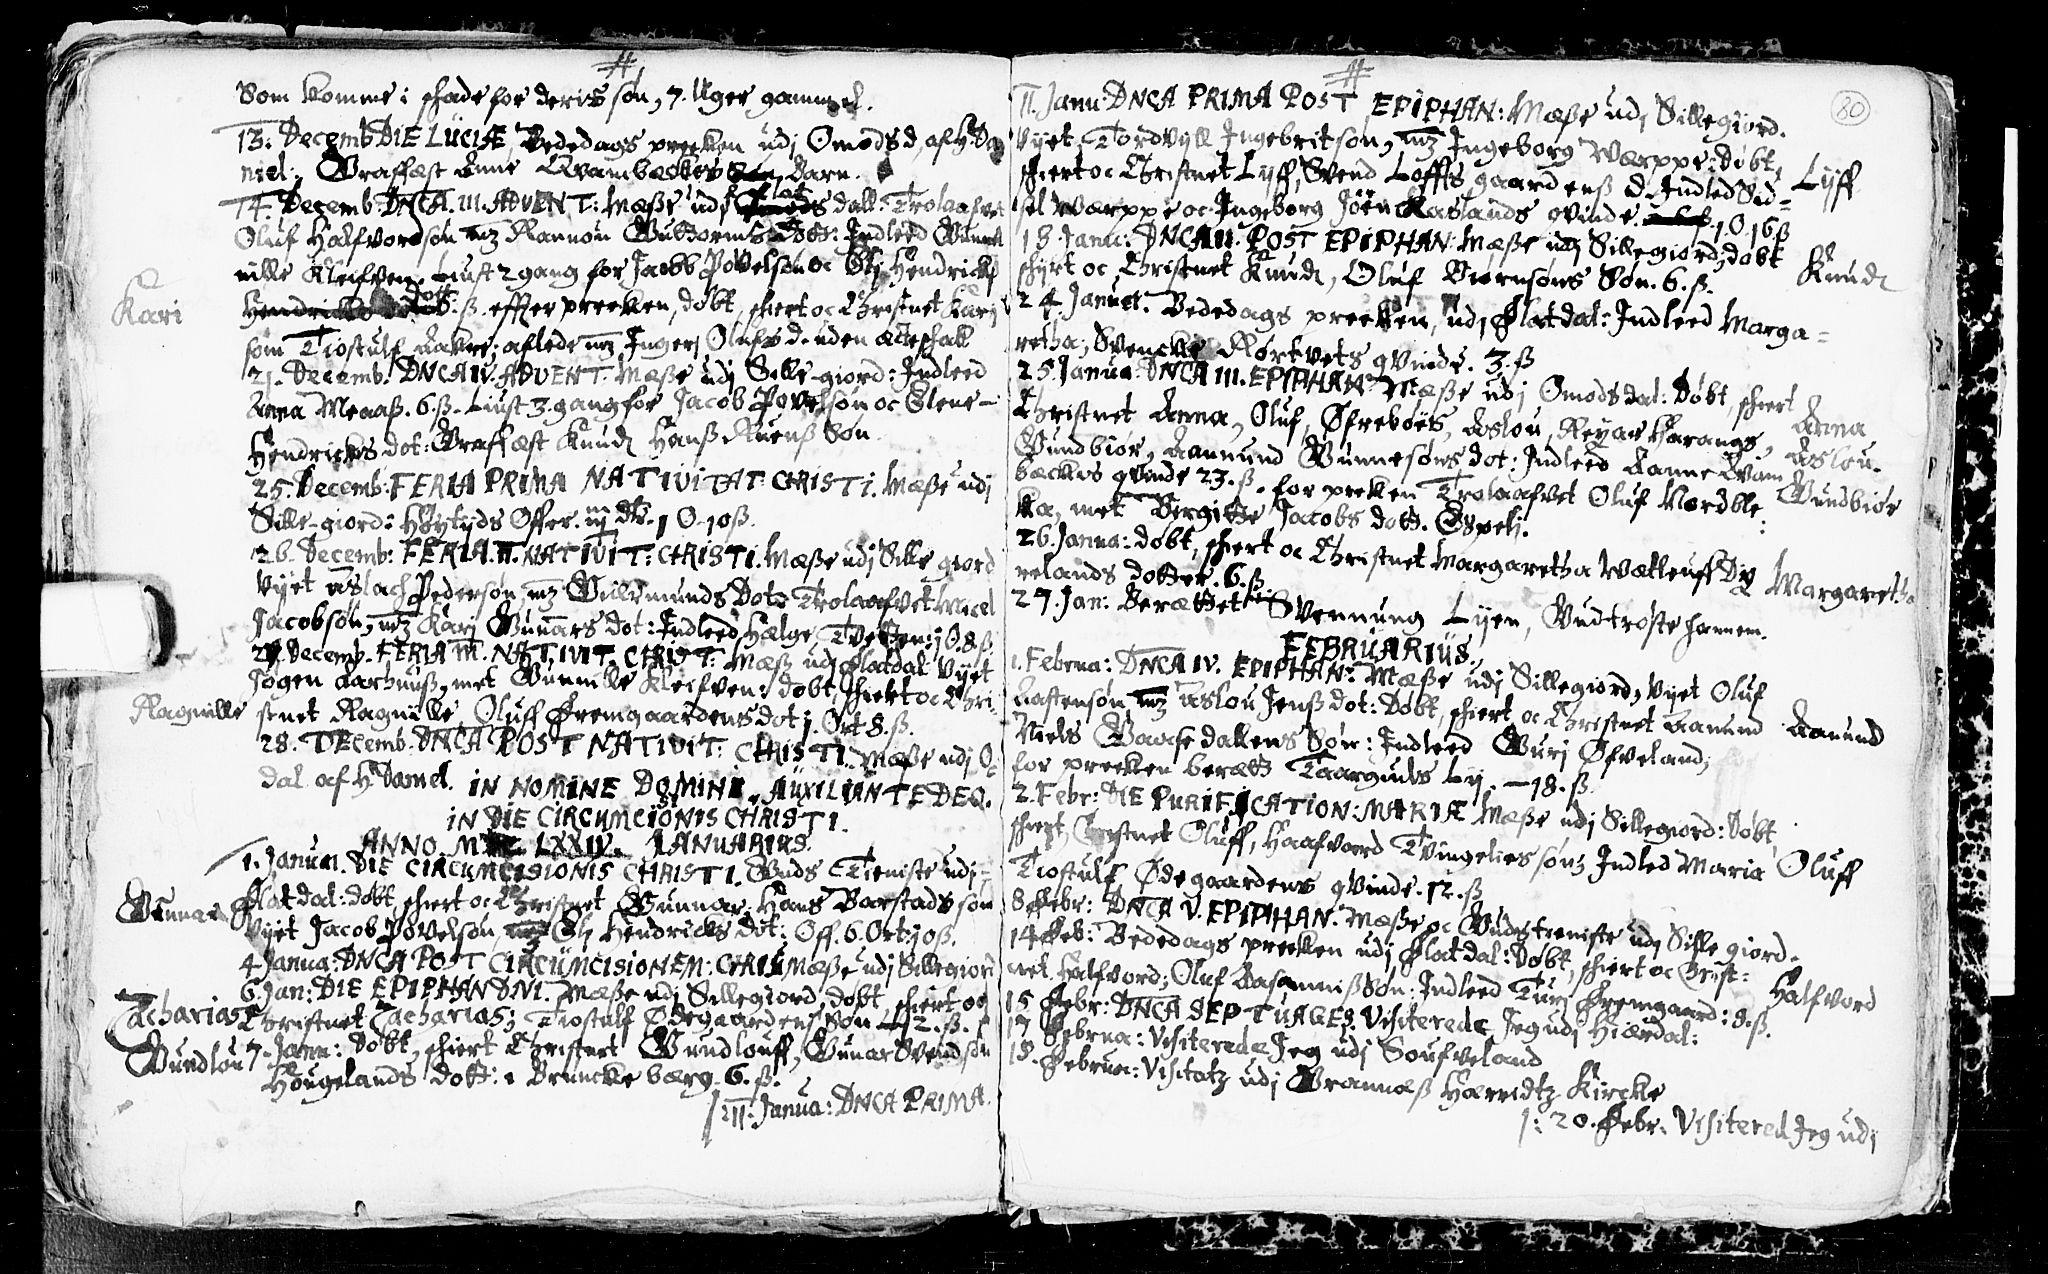 SAKO, Seljord kirkebøker, F/Fa/L0001: Ministerialbok nr. I 1, 1654-1686, s. 80